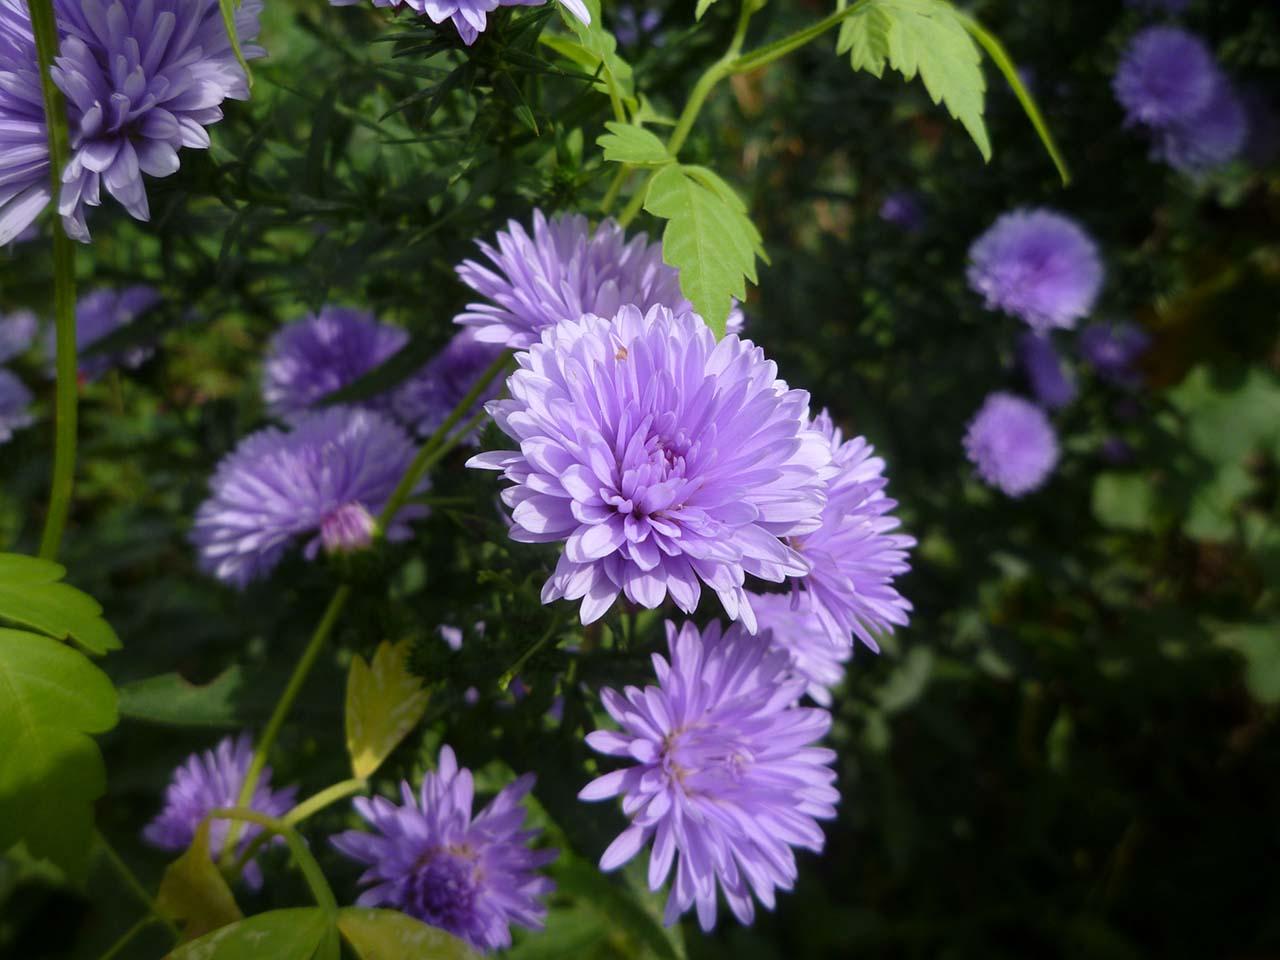 Hoa màu tím hình ảnh đẹp nhất trong tình yêu